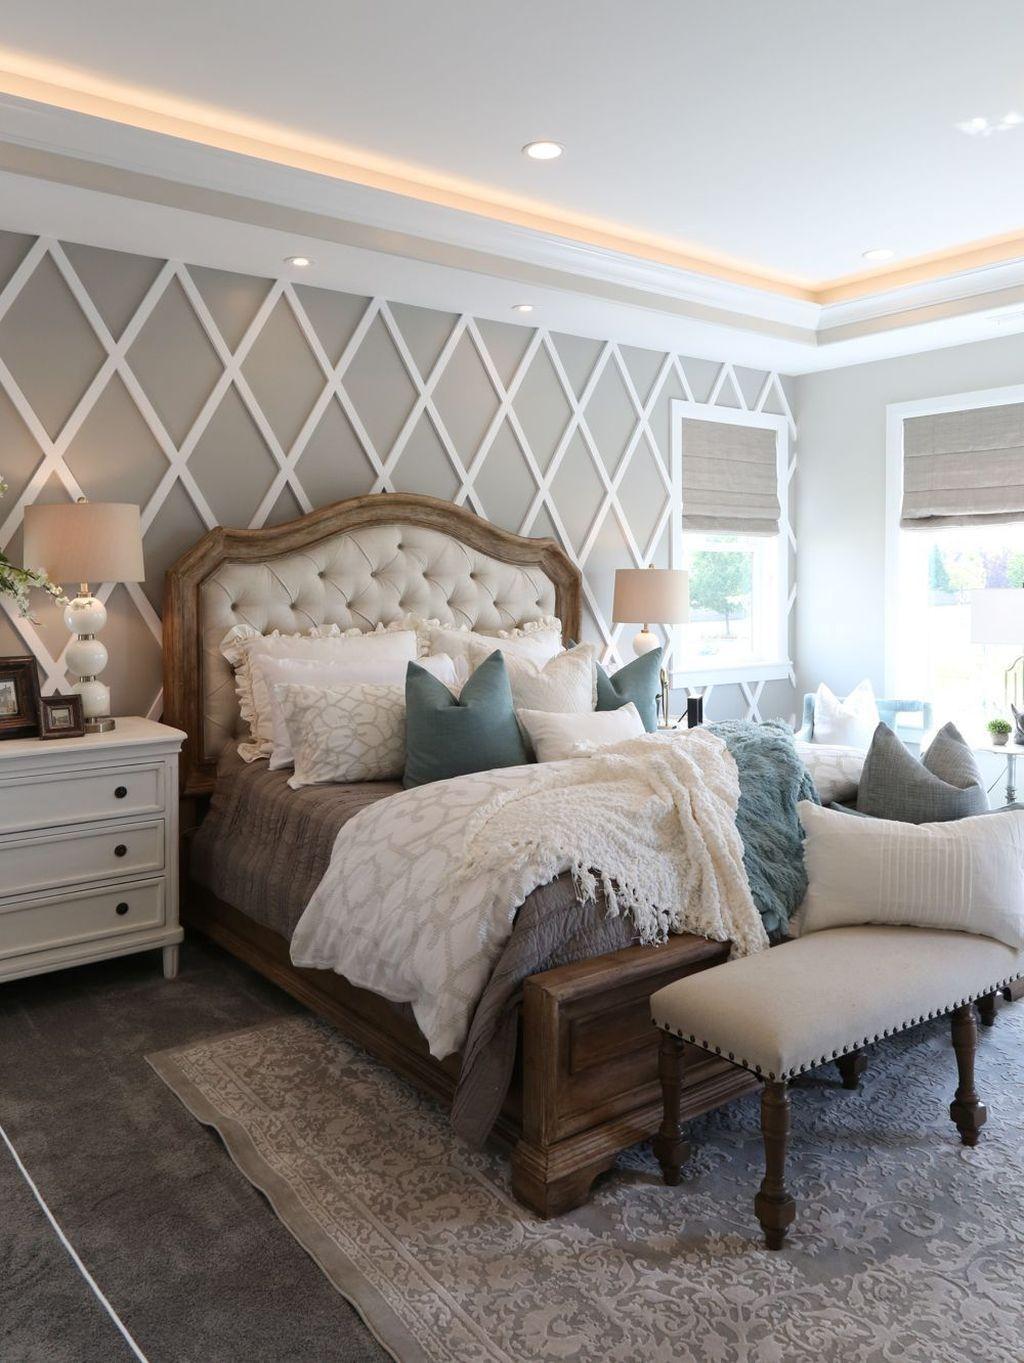 55 Brilliant Rustic Bedroom Design Ideas Country Bedroom Decor